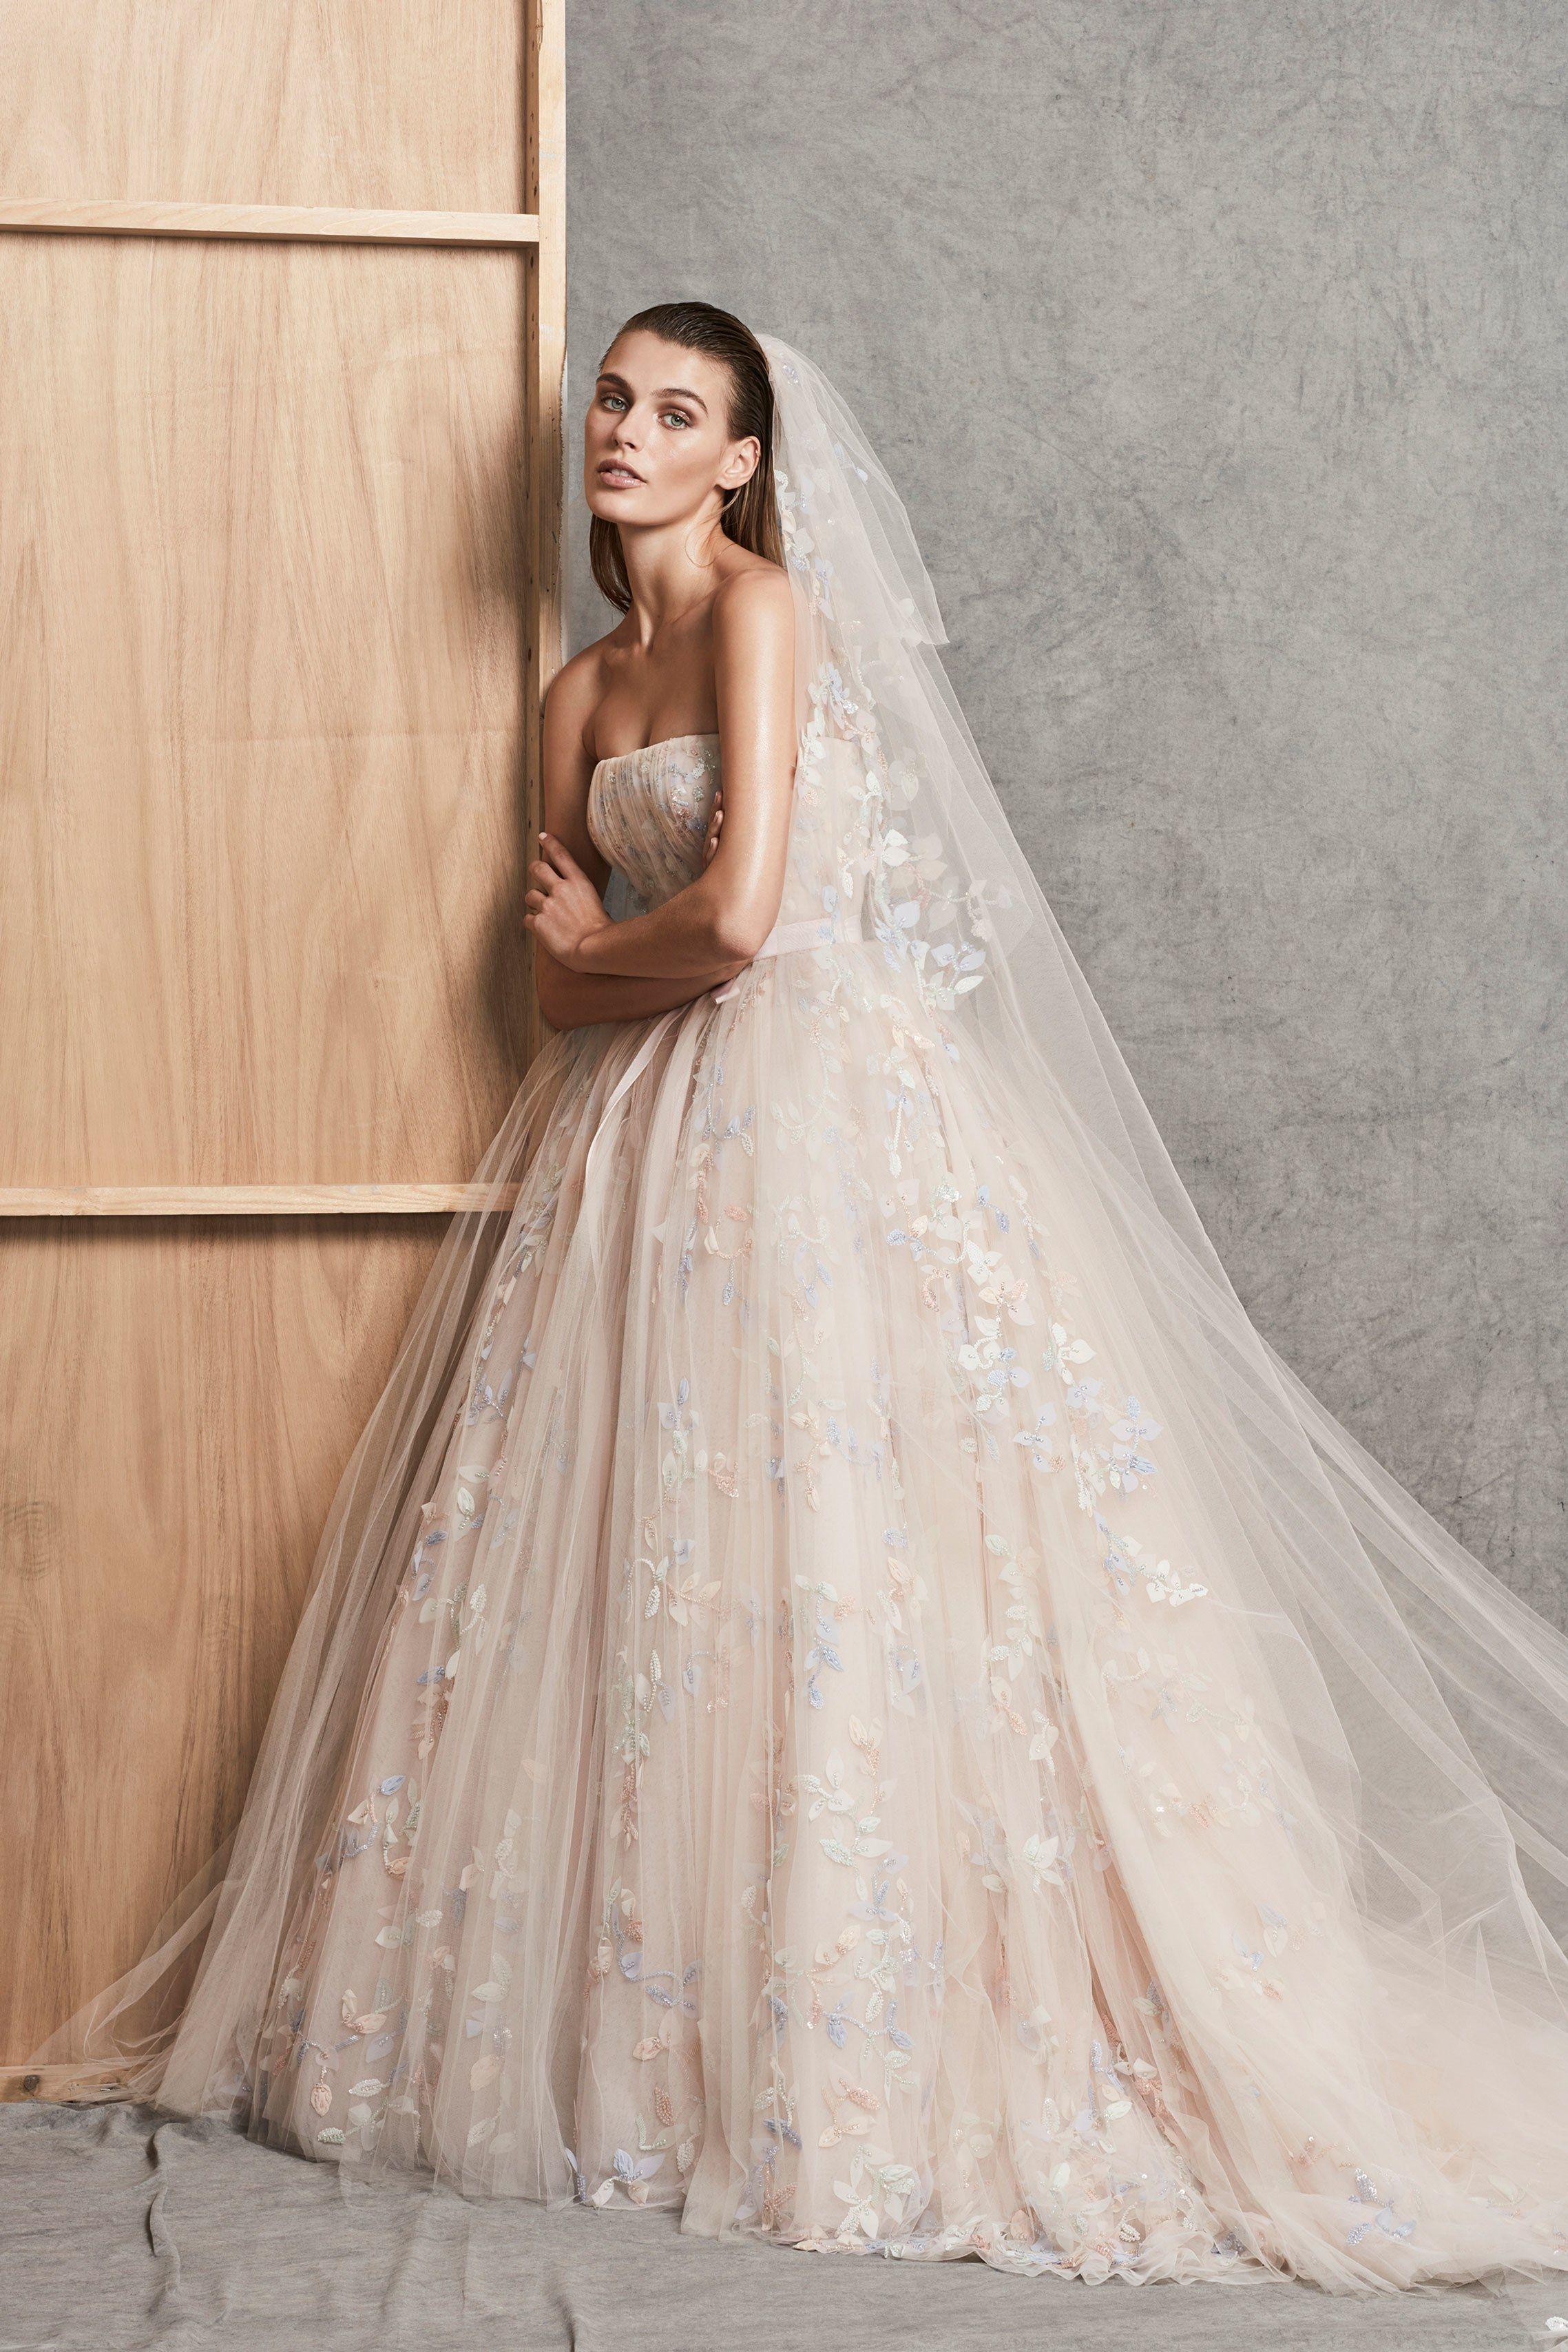 Свадебное платье айвори пастельных тонов